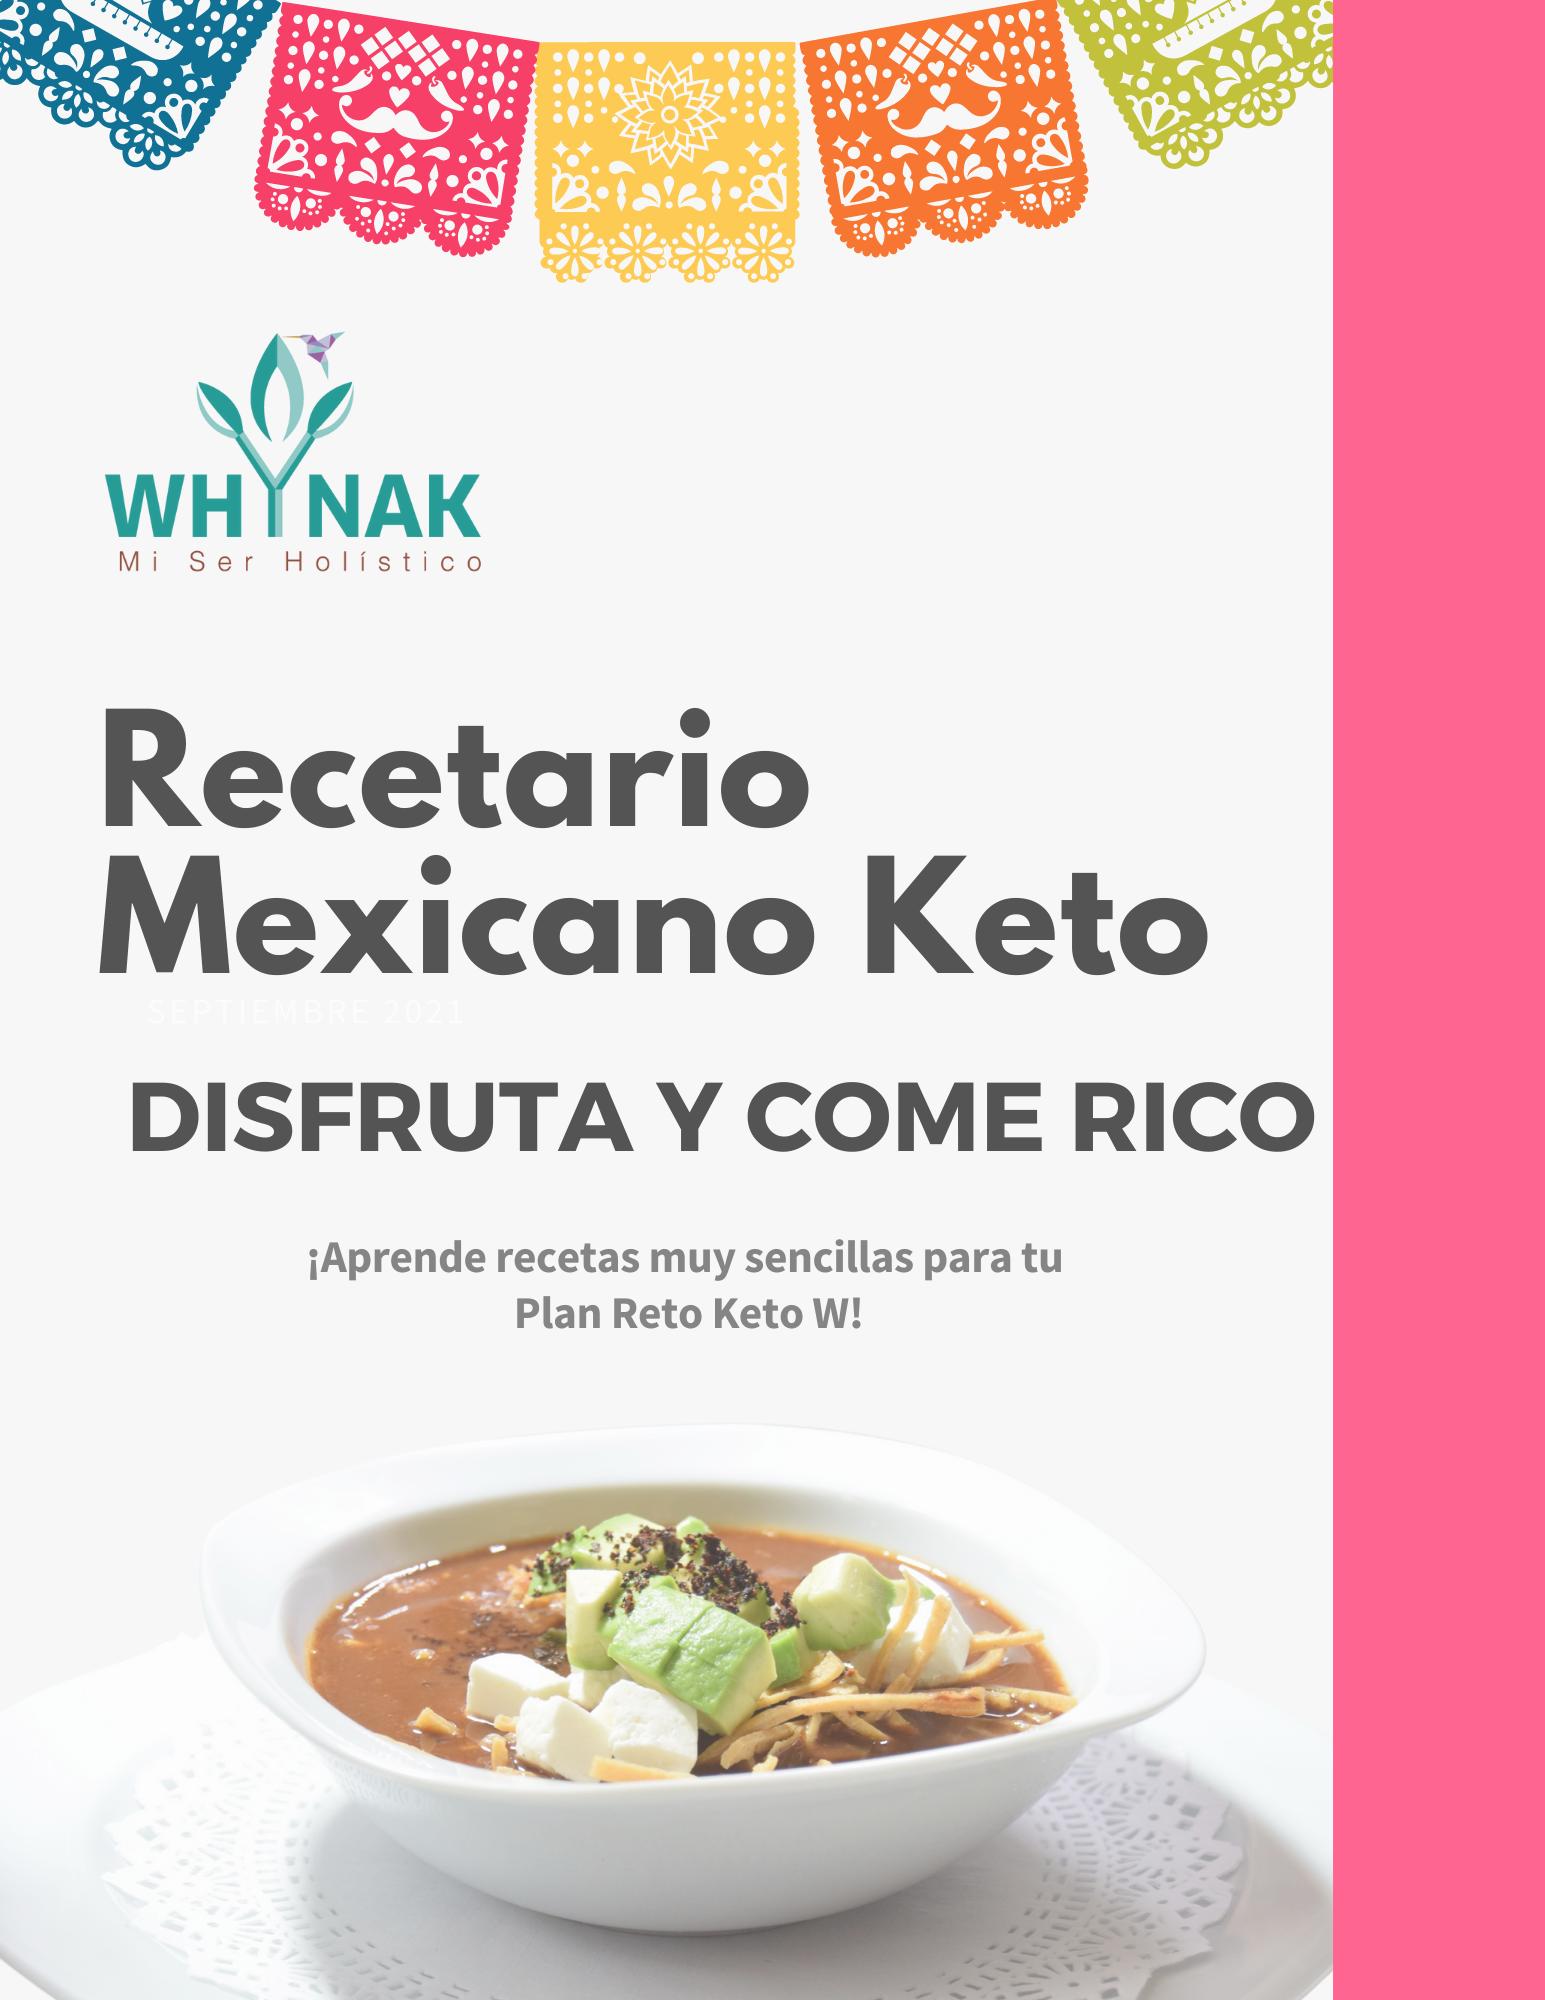 Compra nuestro Recetario Mexicano Keto W